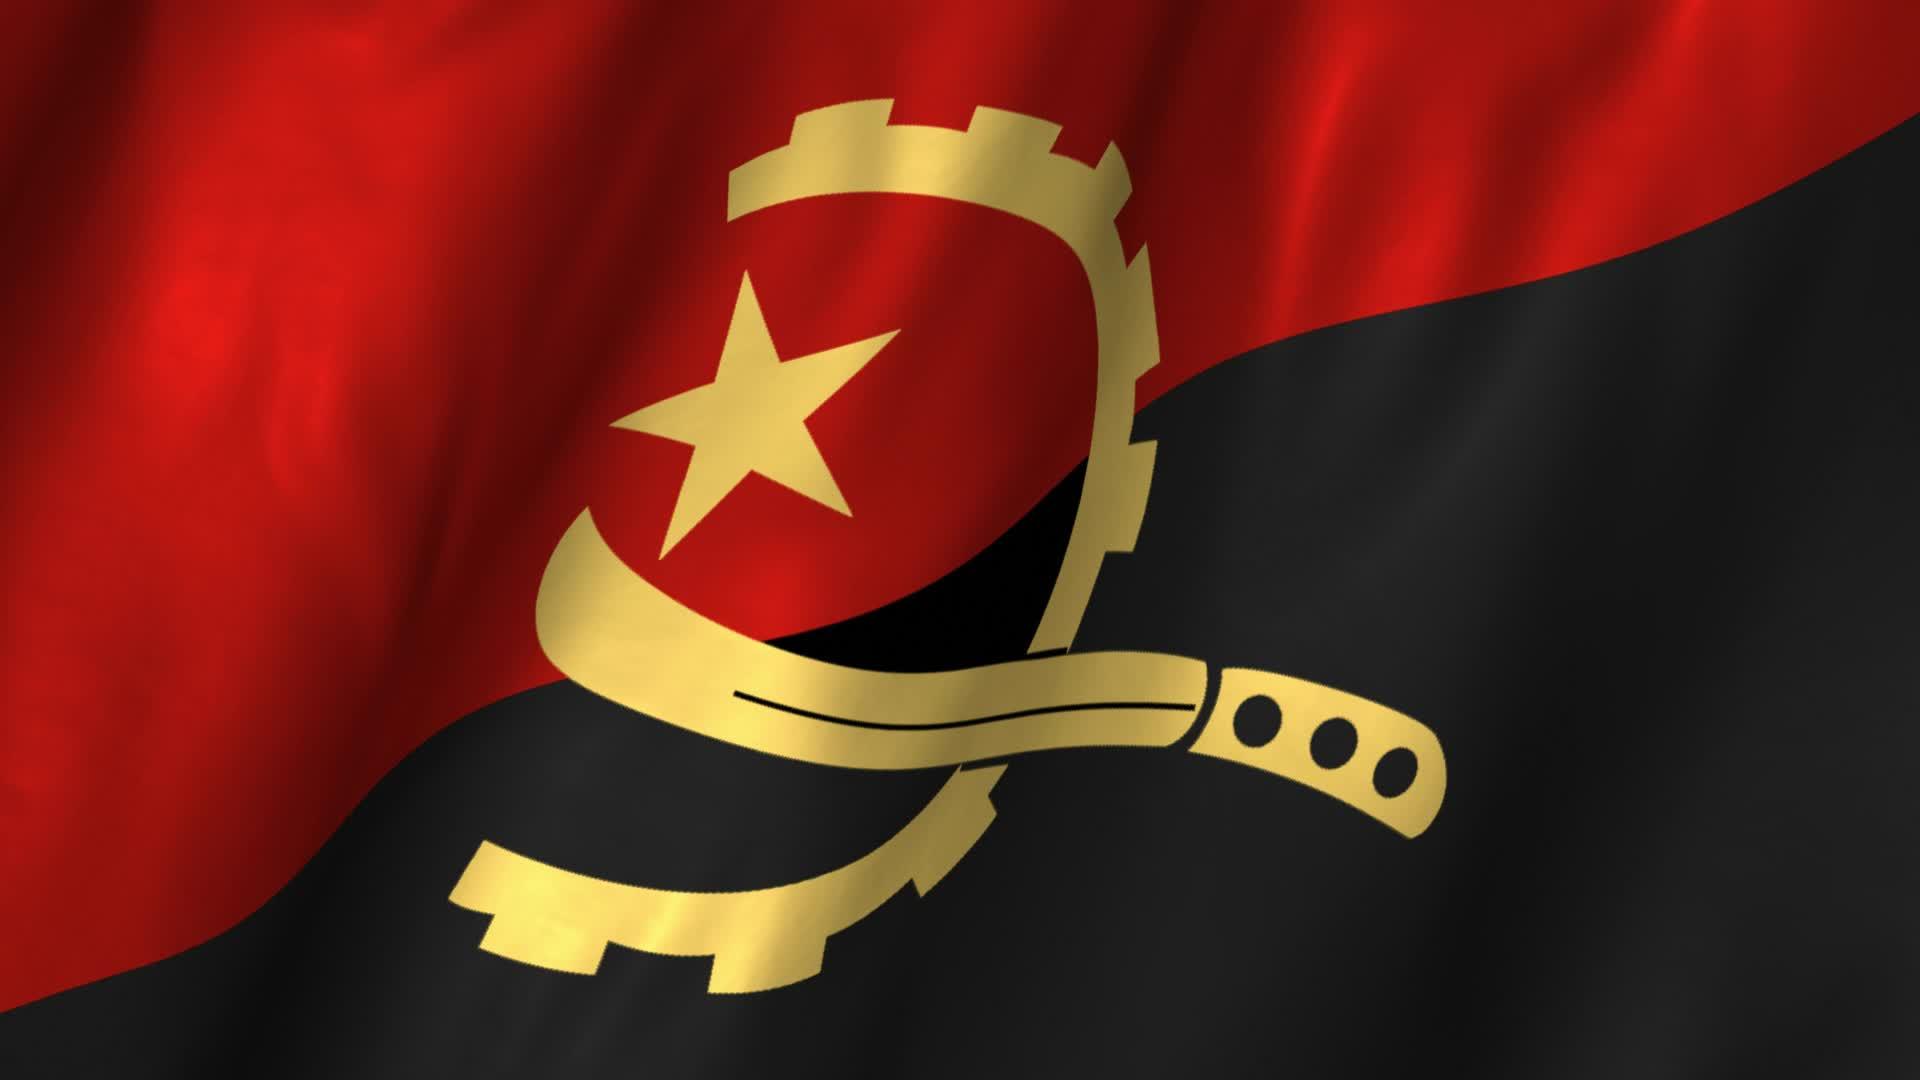 Nice wallpapers Flag Of Angola 1920x1080px